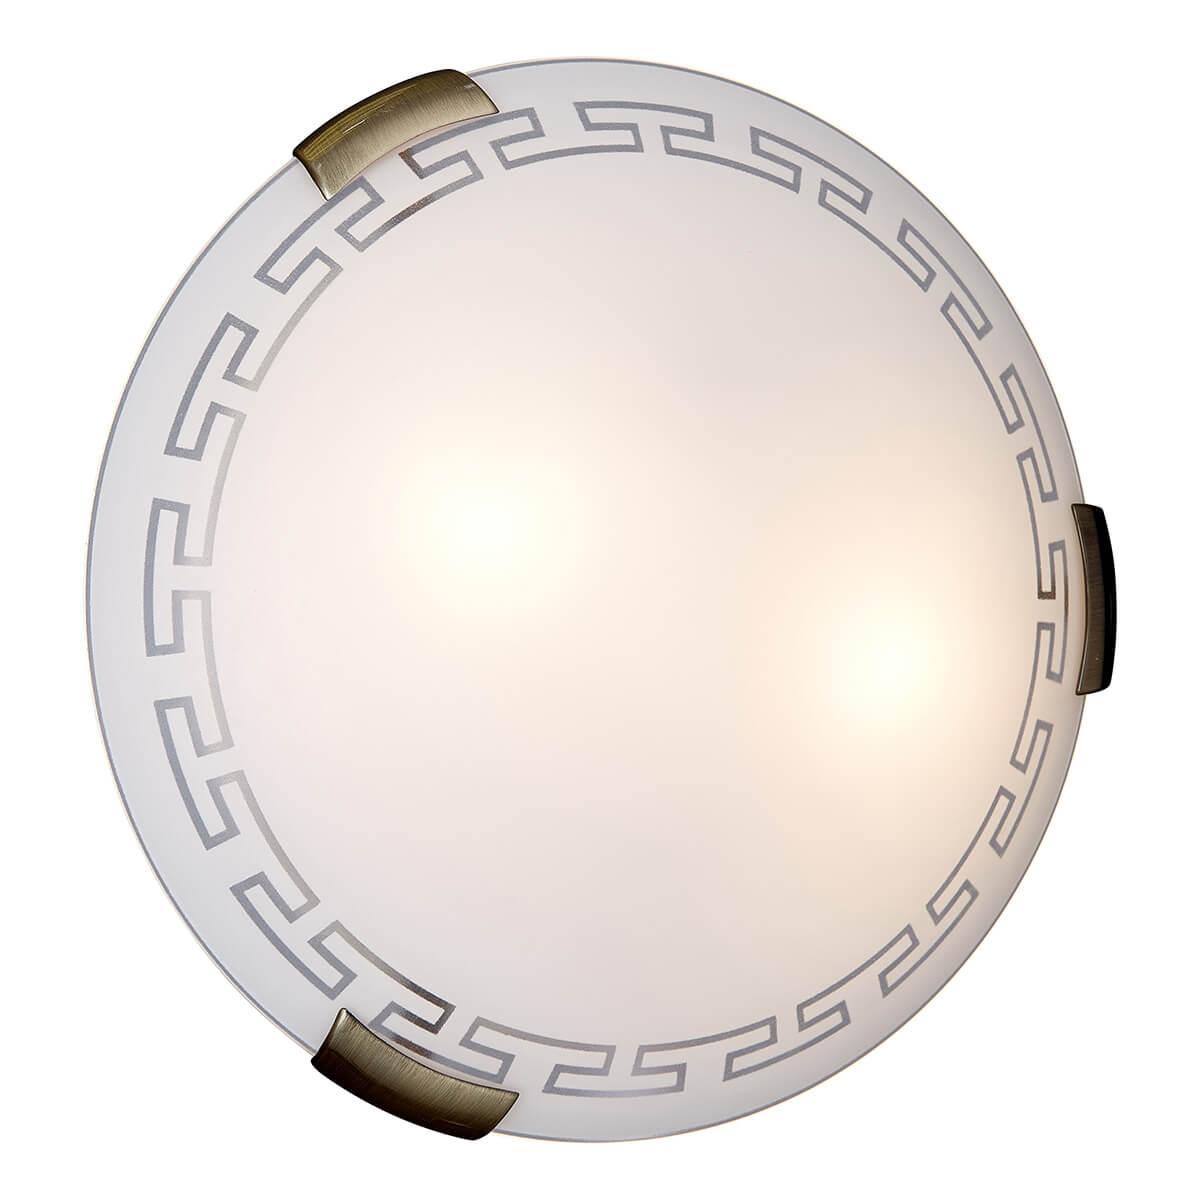 Светильник Sonex 261 потолочный светильник sonex накладной потолочный 1219 a